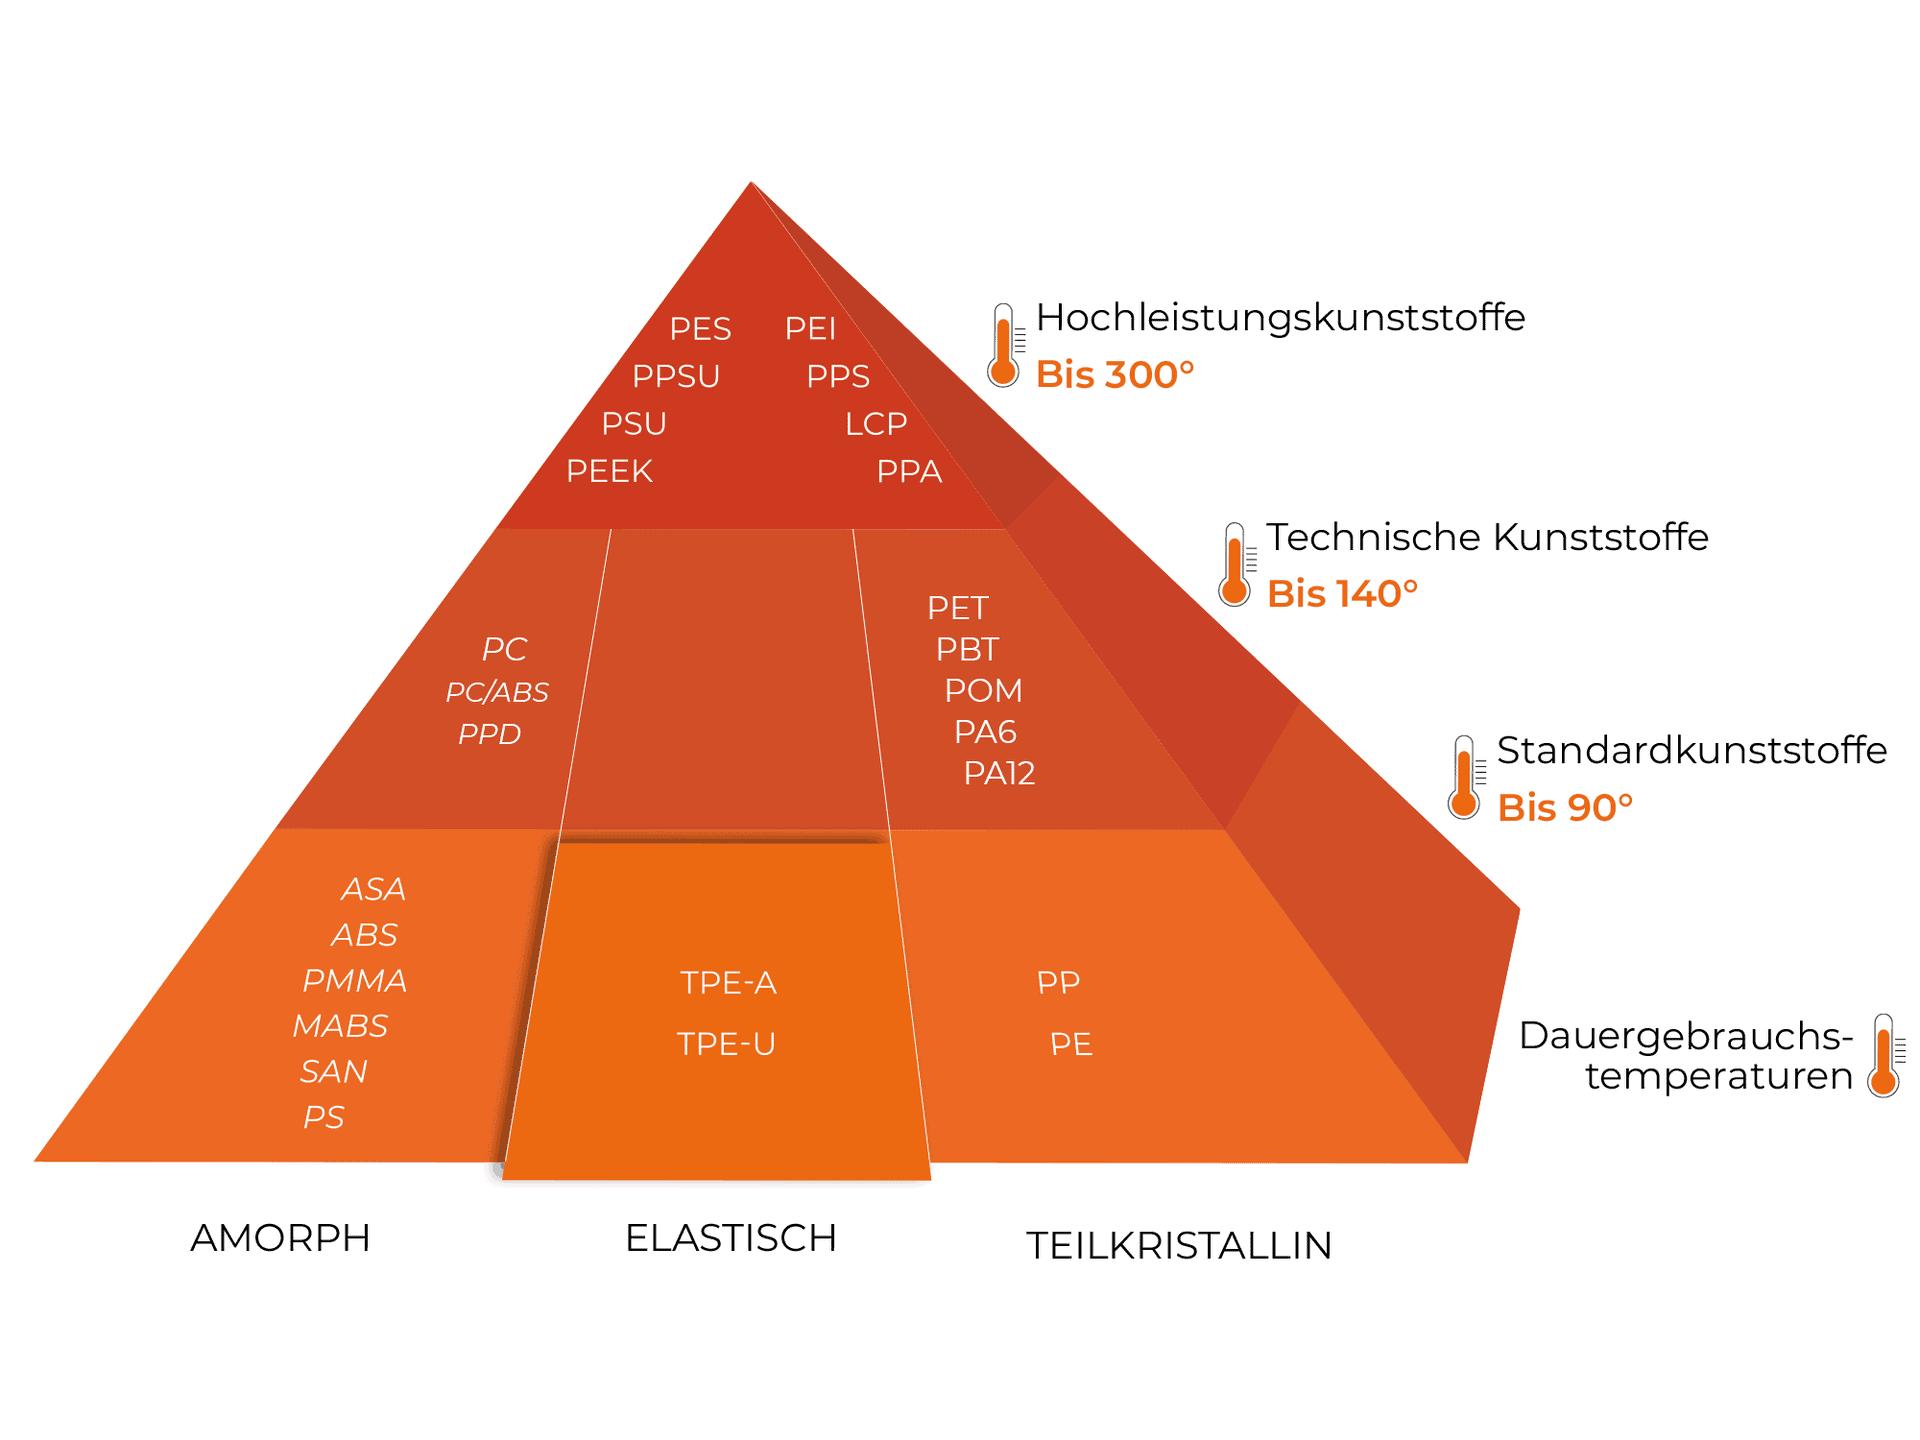 Werkstoff Pyramide amorph, teilkristalin, elastisch